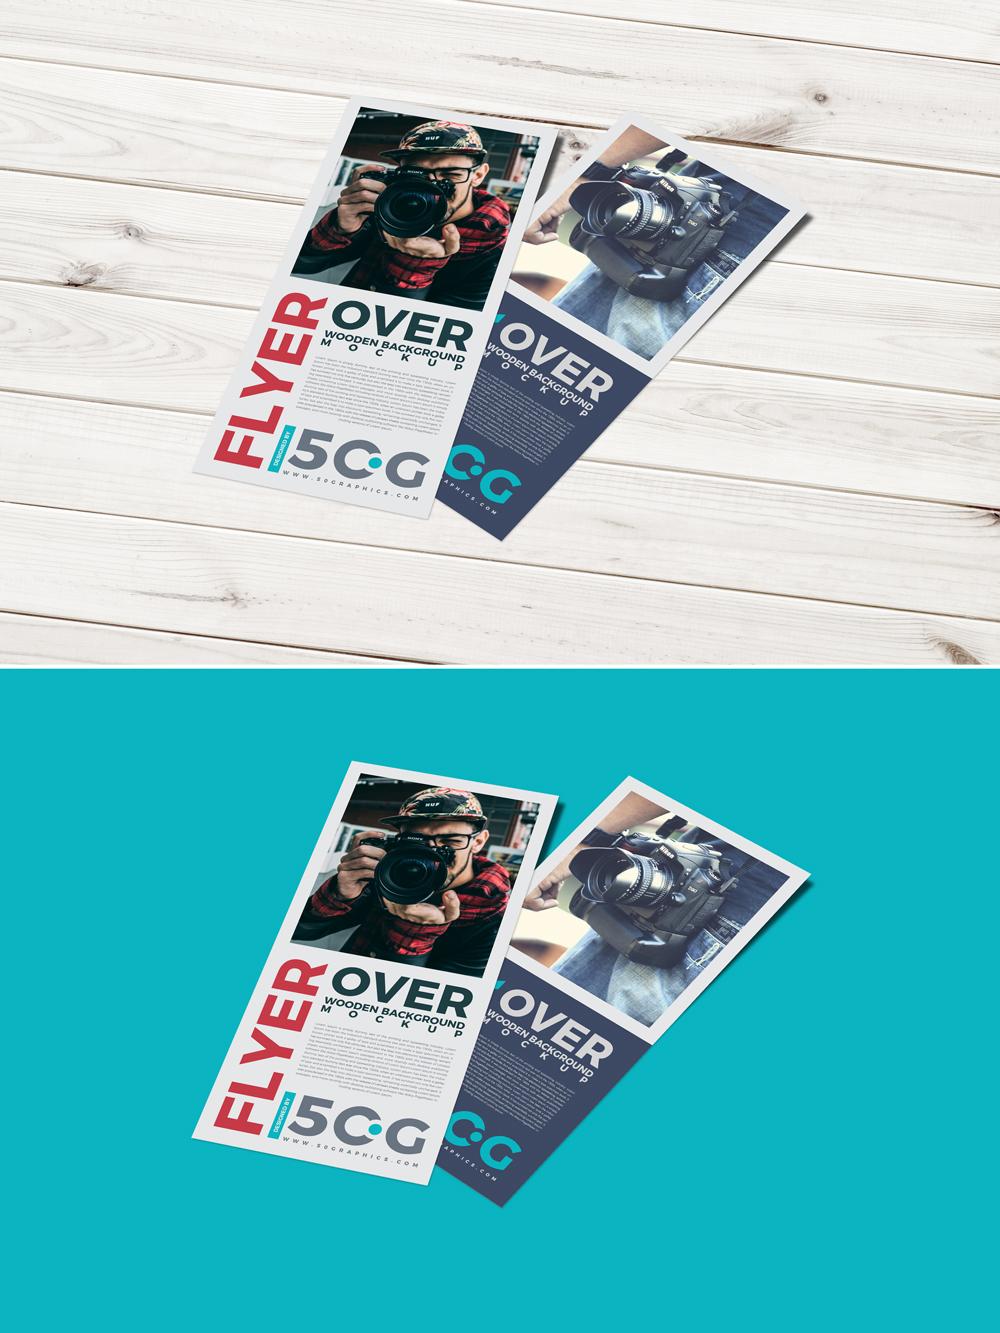 Free-Flyer-Over-Wooden-Background-Mockup-600.jpg